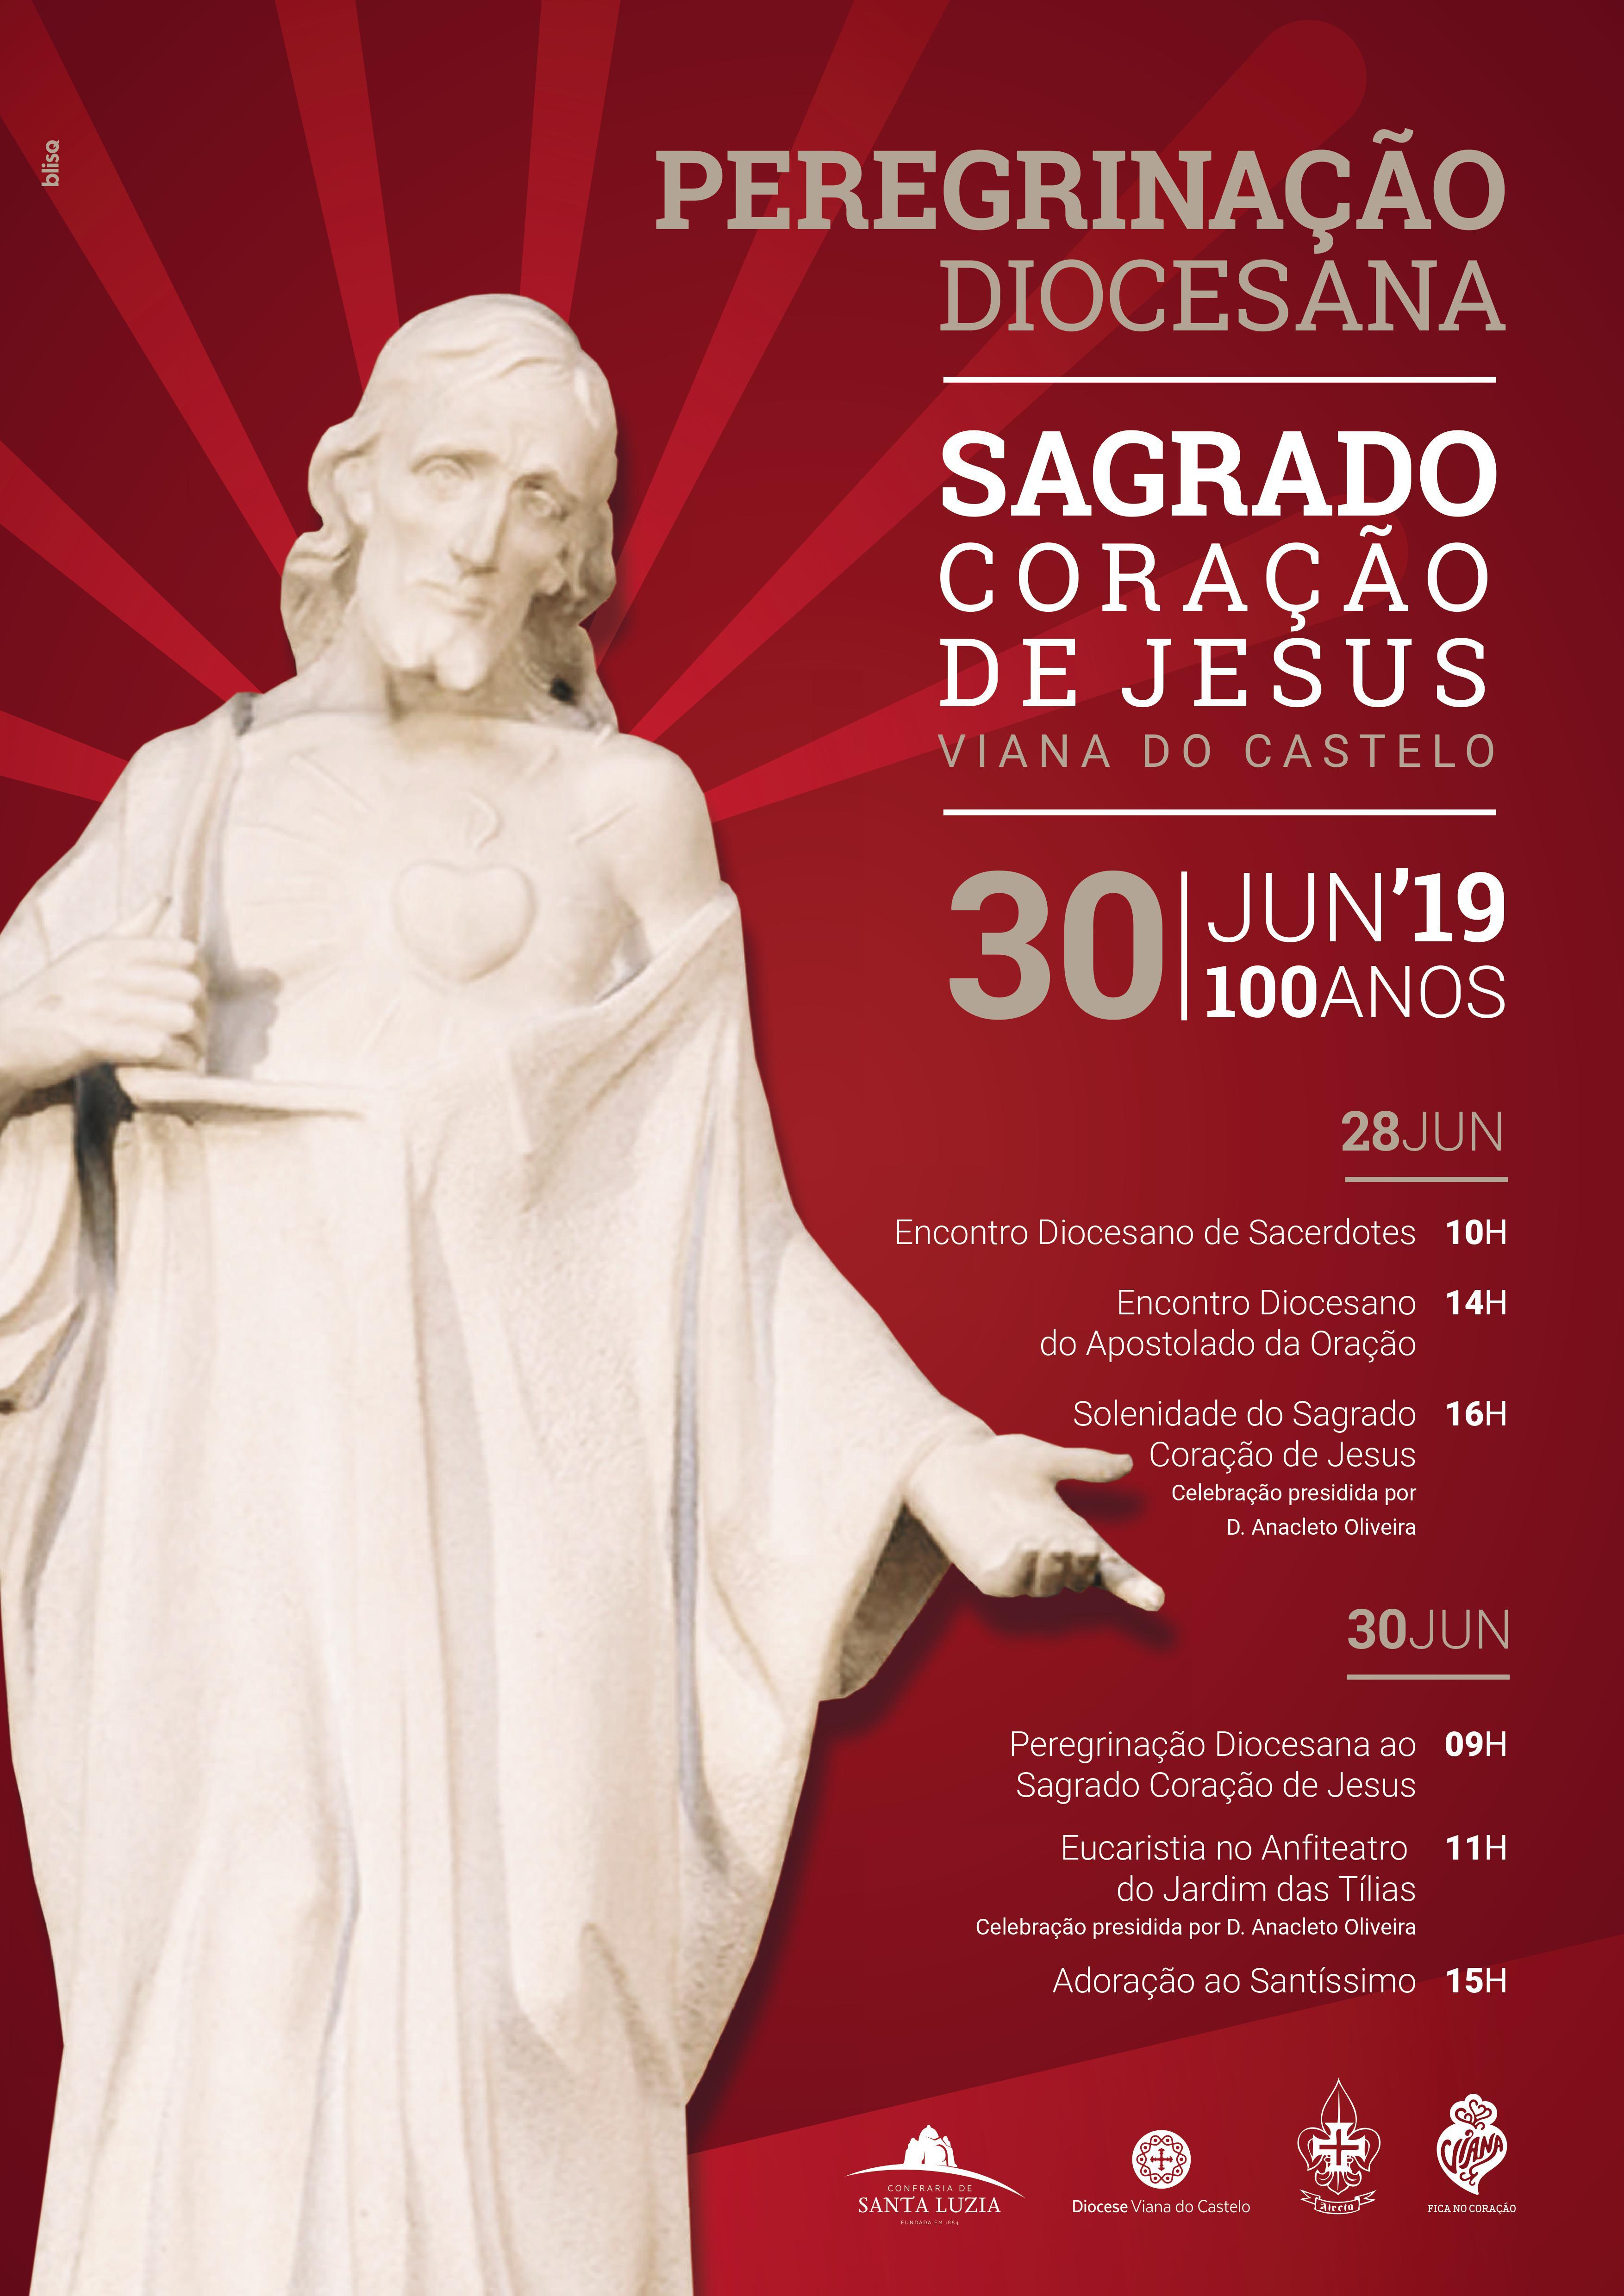 Peregrinação Diocesana ao Sagrado Coração de Jesus 2019